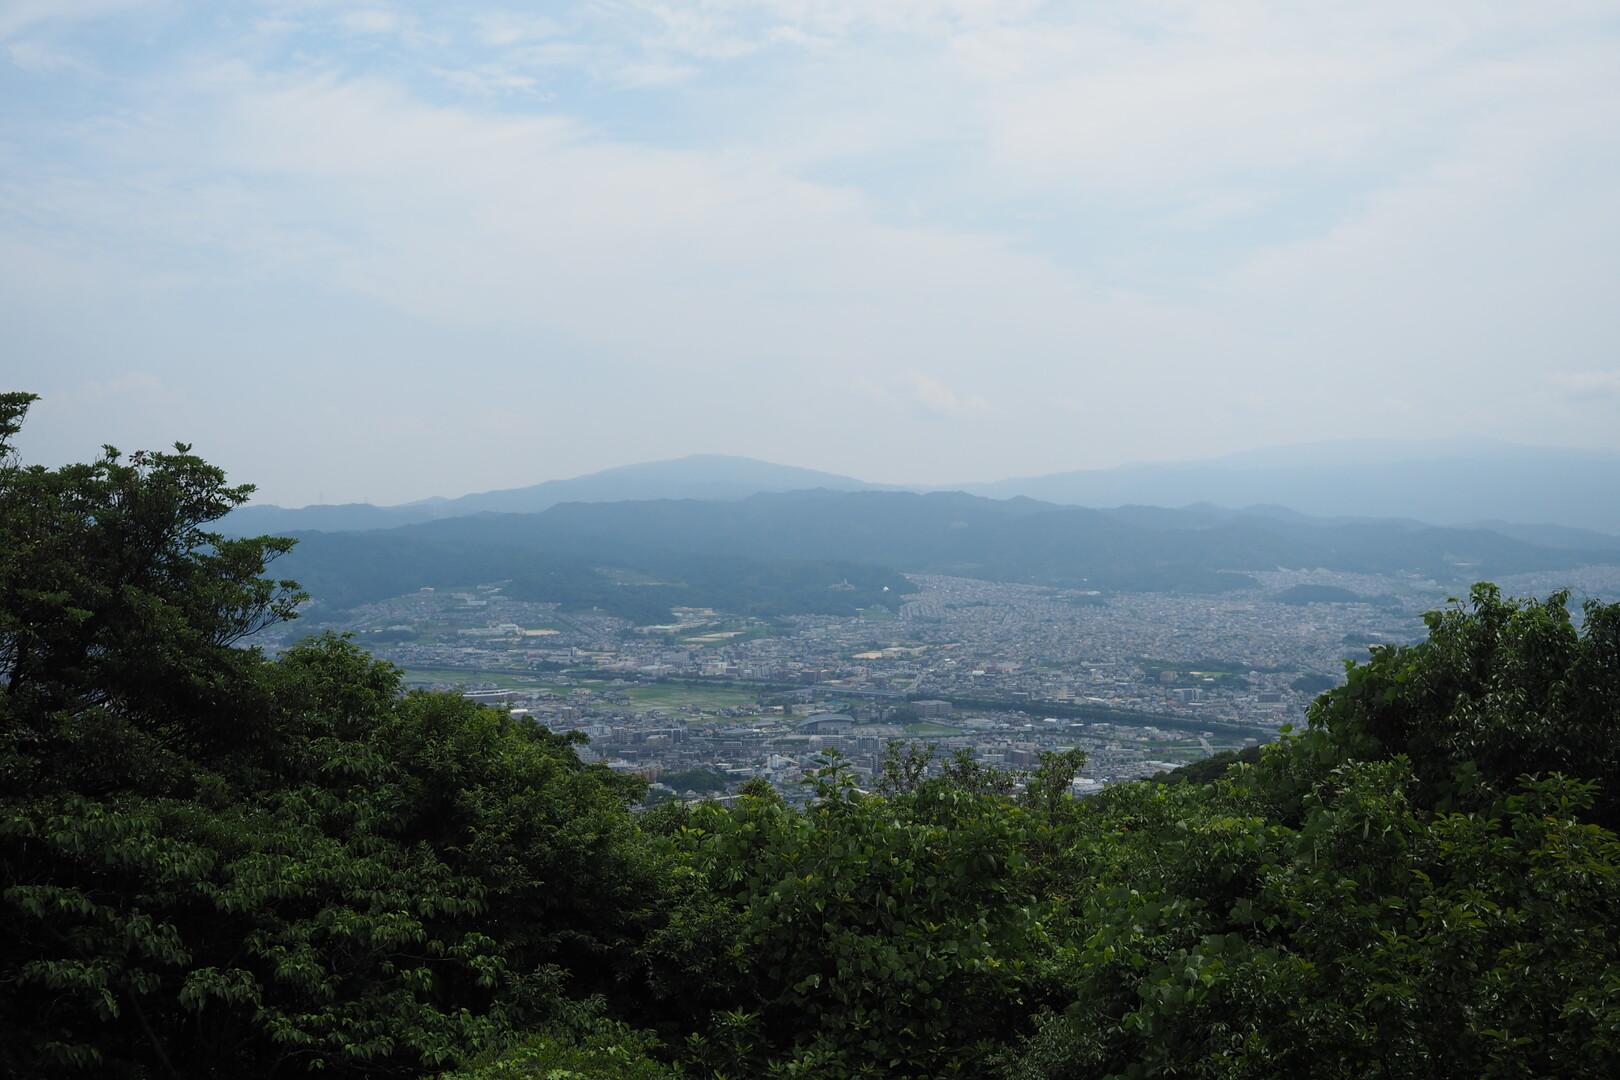 うーん、いい景色!こっちからは福岡市内が望める。